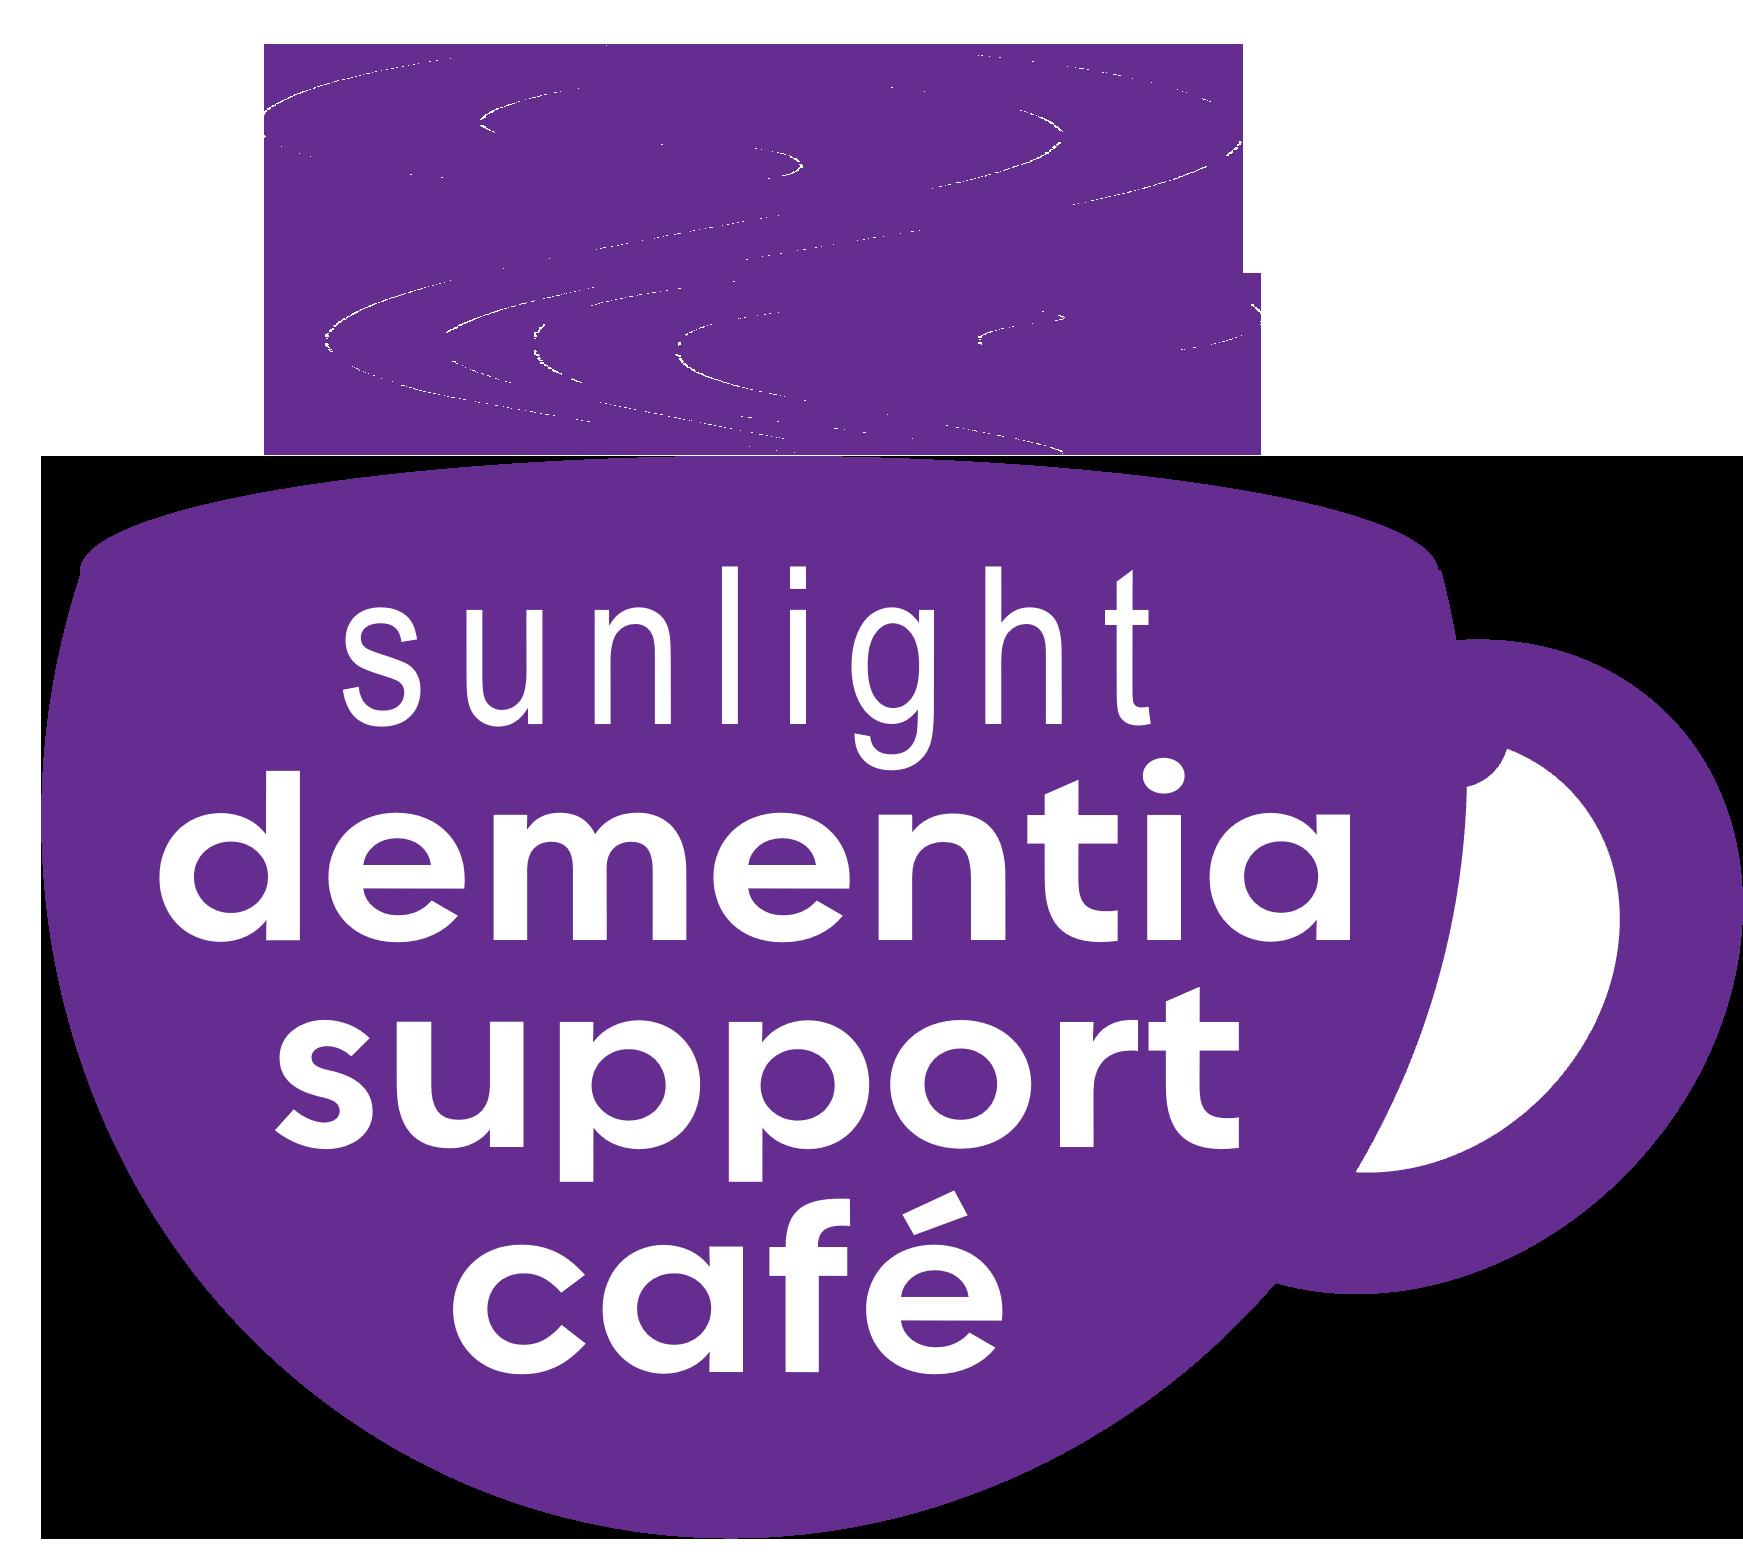 Sunlight Dementia Support Café